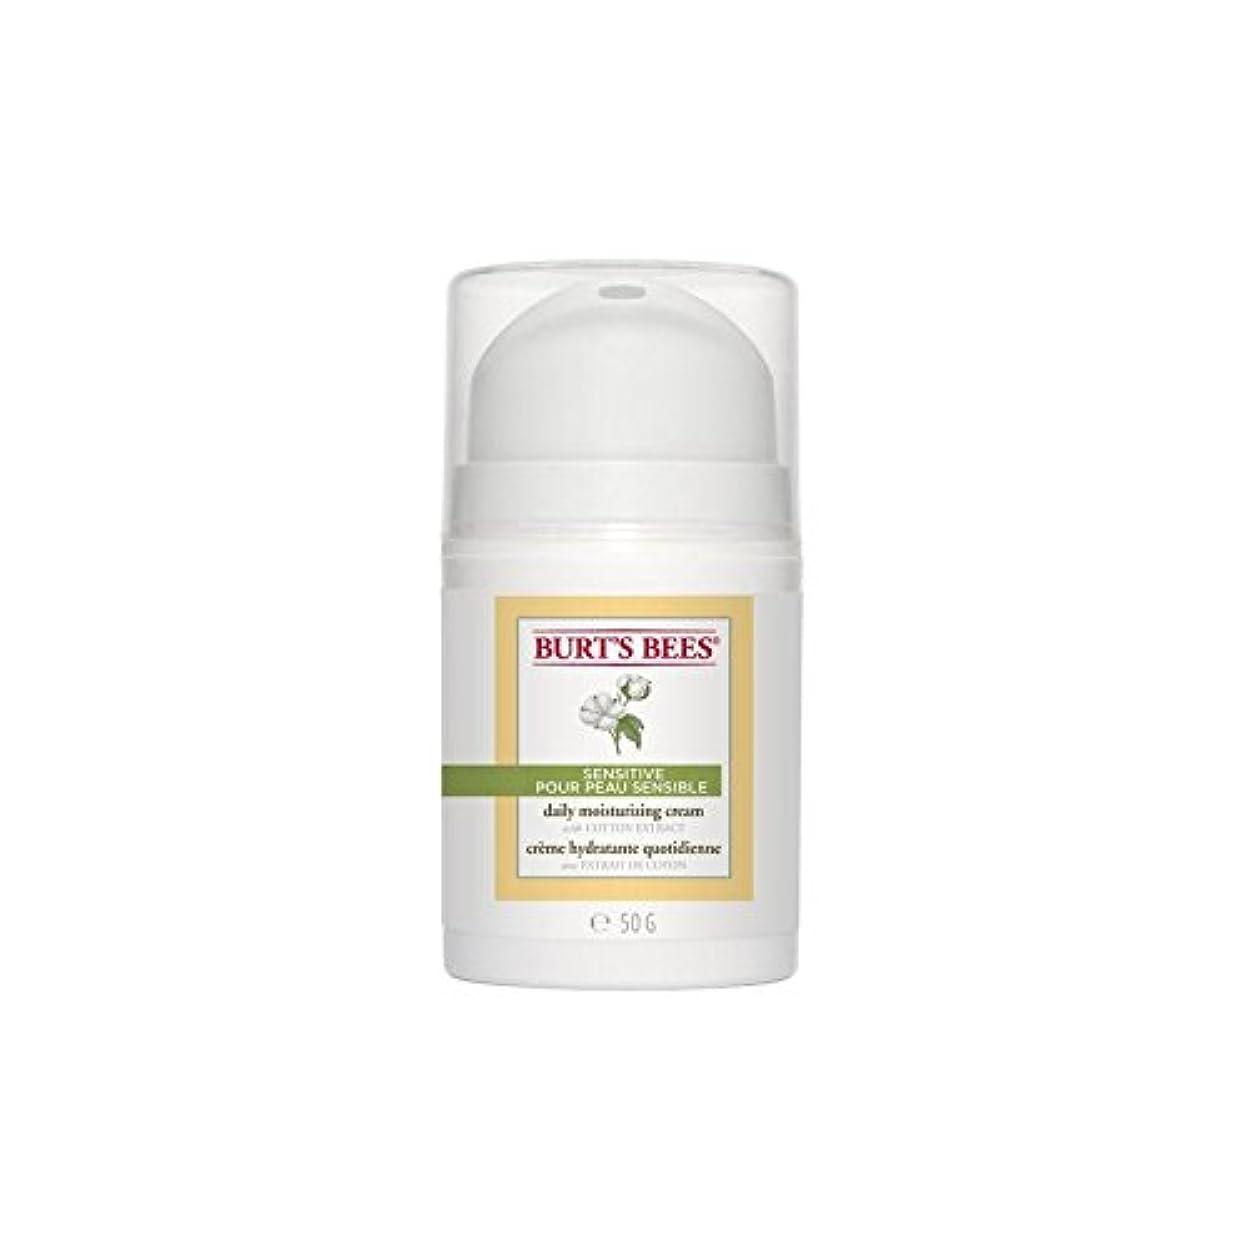 下着に勝る賄賂バーツビー敏感毎日保湿クリーム50グラム x4 - Burt's Bees Sensitive Daily Moisturising Cream 50G (Pack of 4) [並行輸入品]